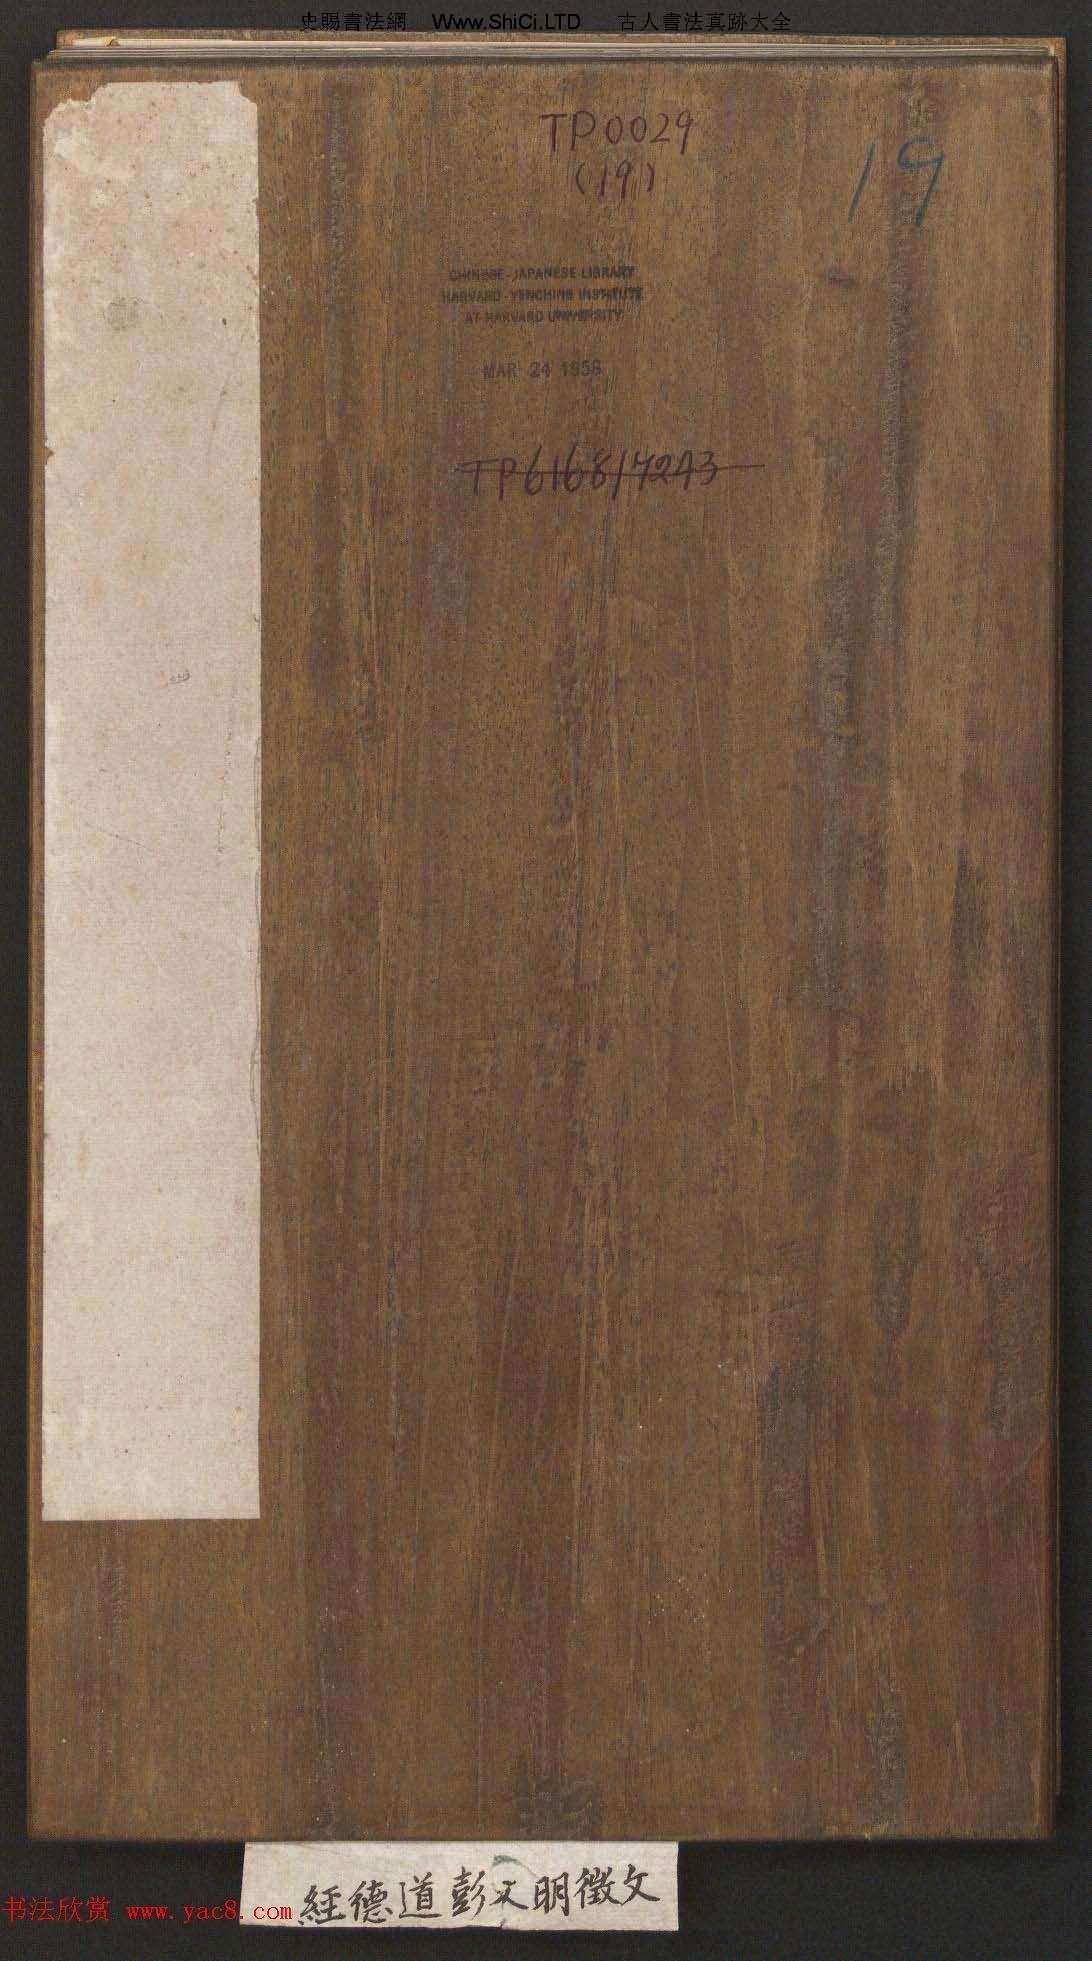 劉園集帖第19卷《文徵明文彭道德經》(共40張圖片)